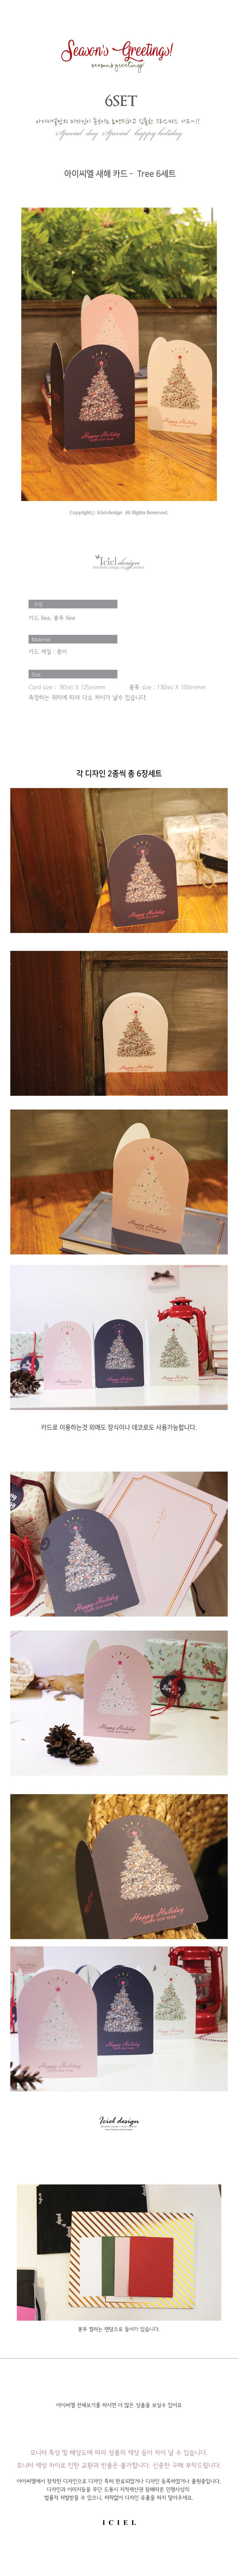 아이씨엘 새해 카드- tree 6set4,200원-아이씨엘디자인문구, 카드/편지/봉투, 카드, 크리스마스 카드바보사랑아이씨엘 새해 카드- tree 6set4,200원-아이씨엘디자인문구, 카드/편지/봉투, 카드, 크리스마스 카드바보사랑